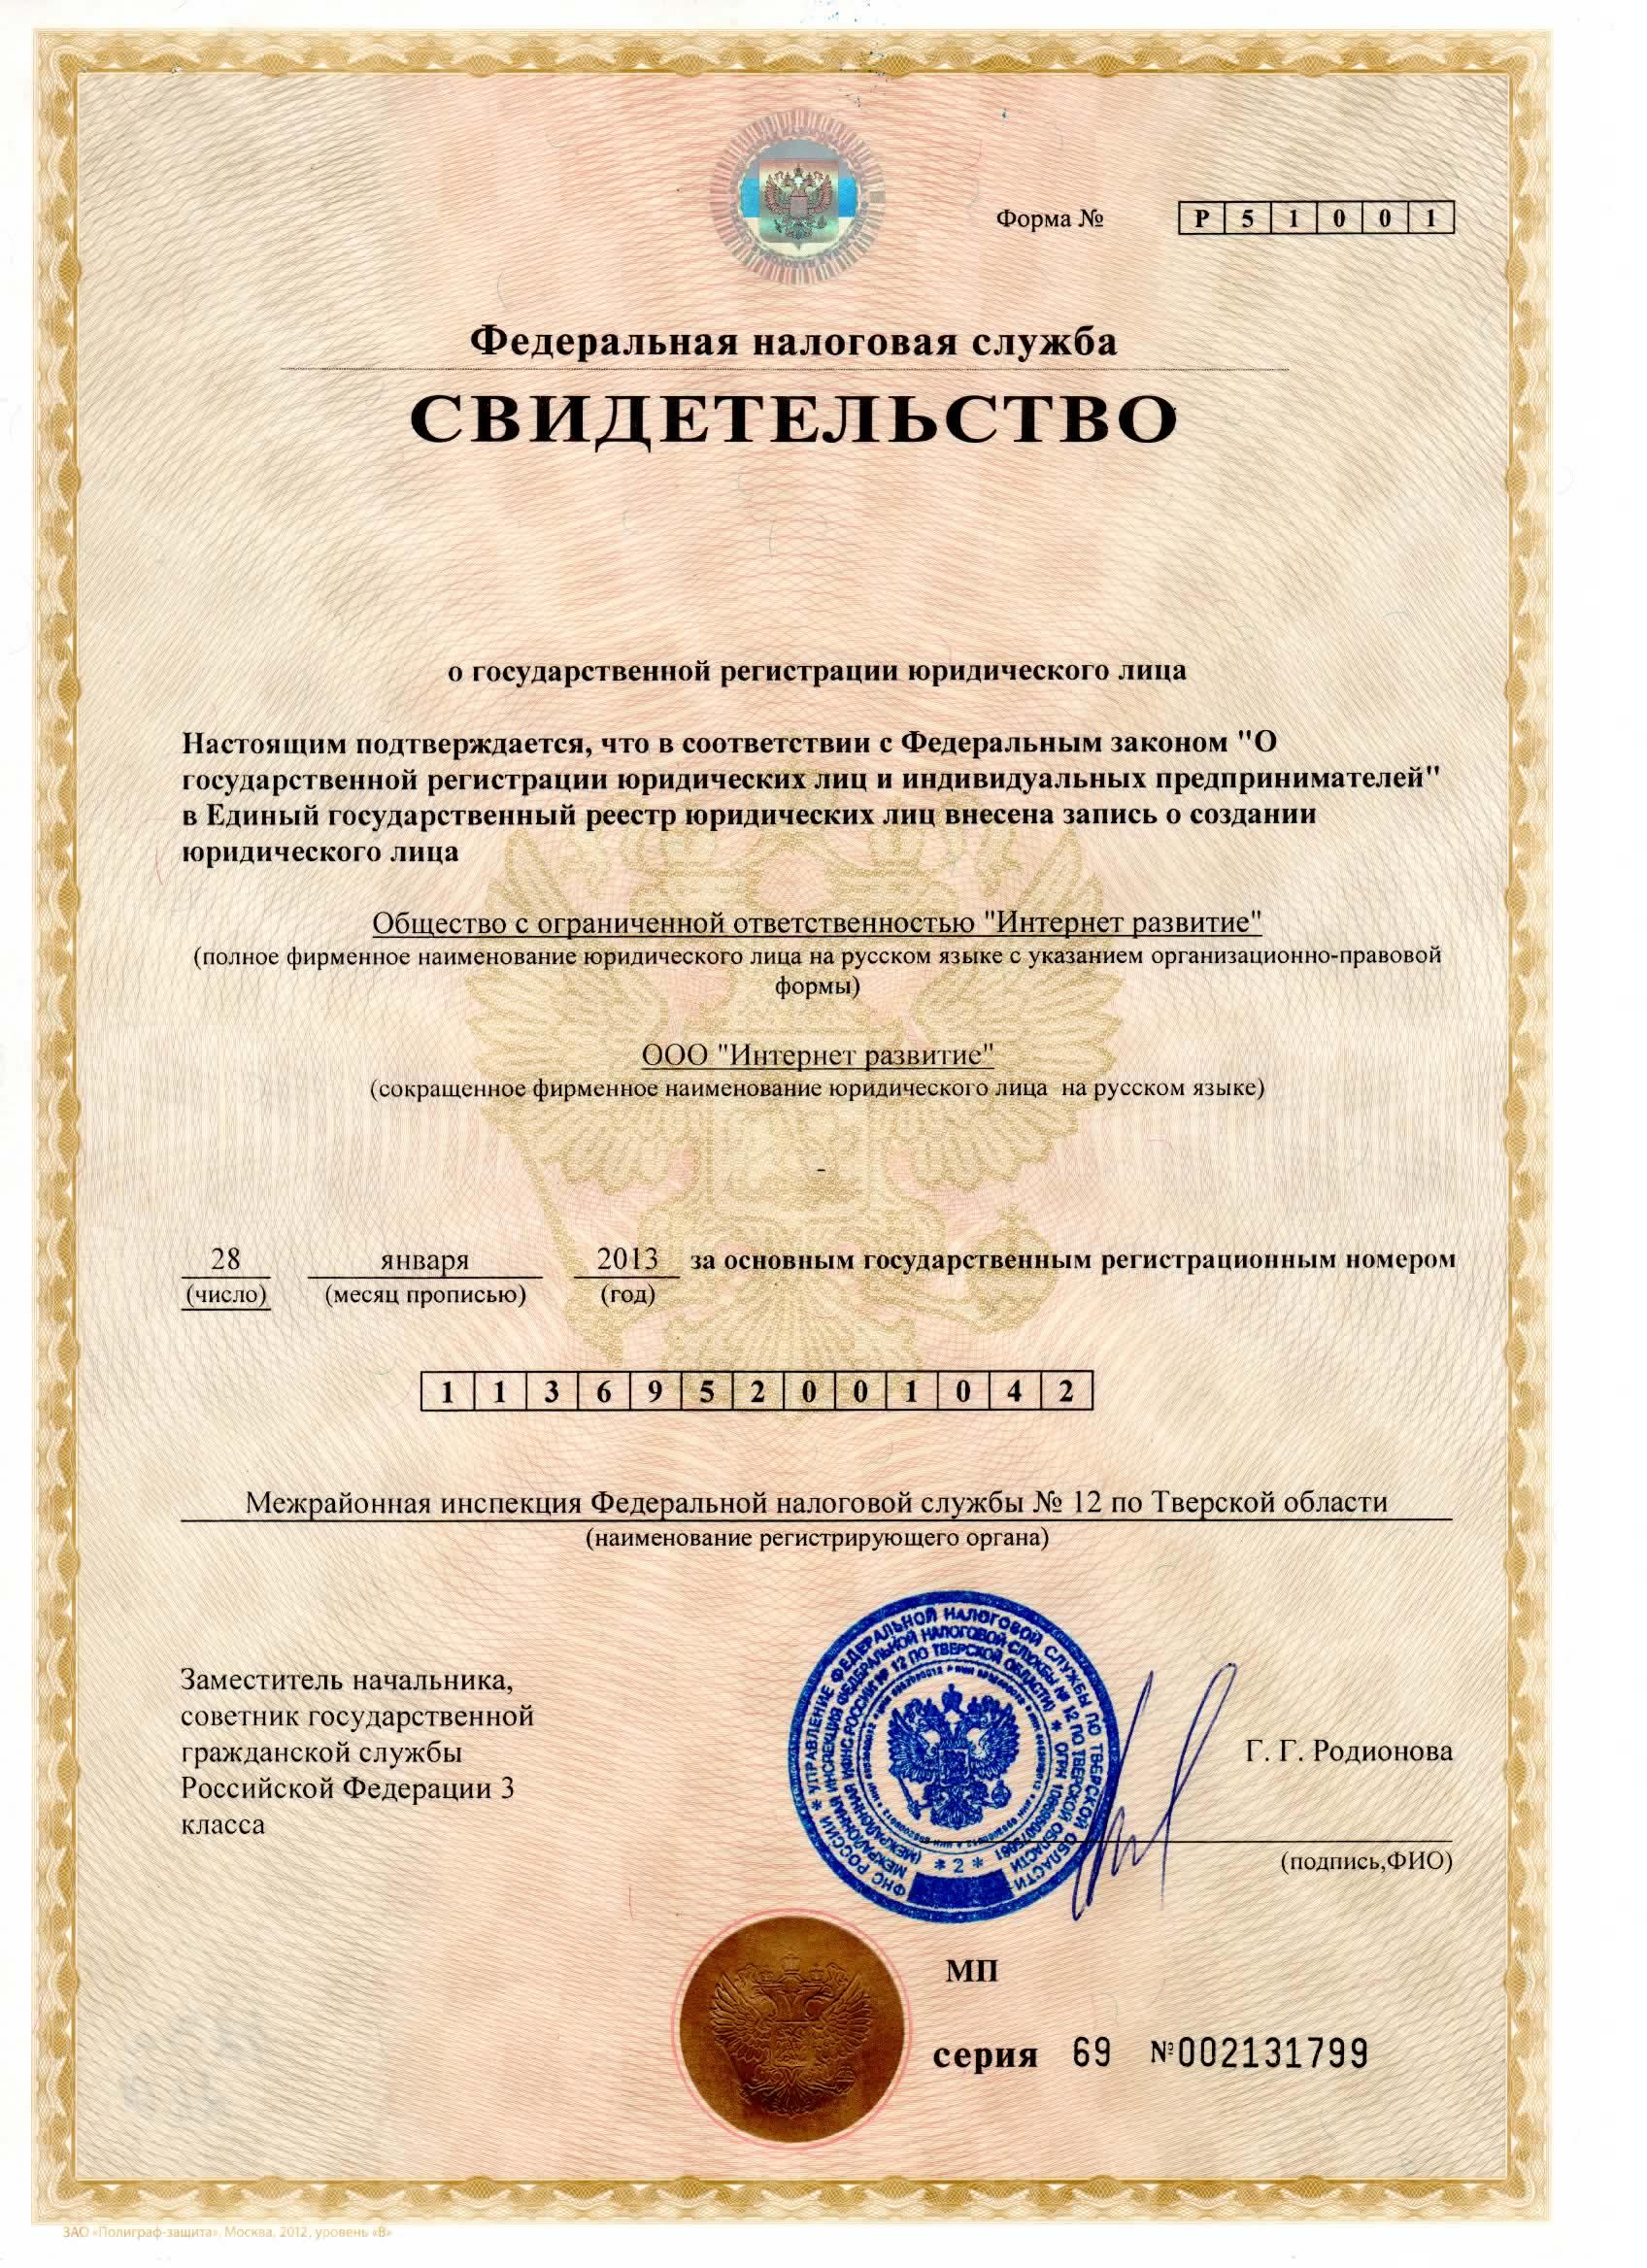 партнера Регистрация юридического лица ооо удивительное